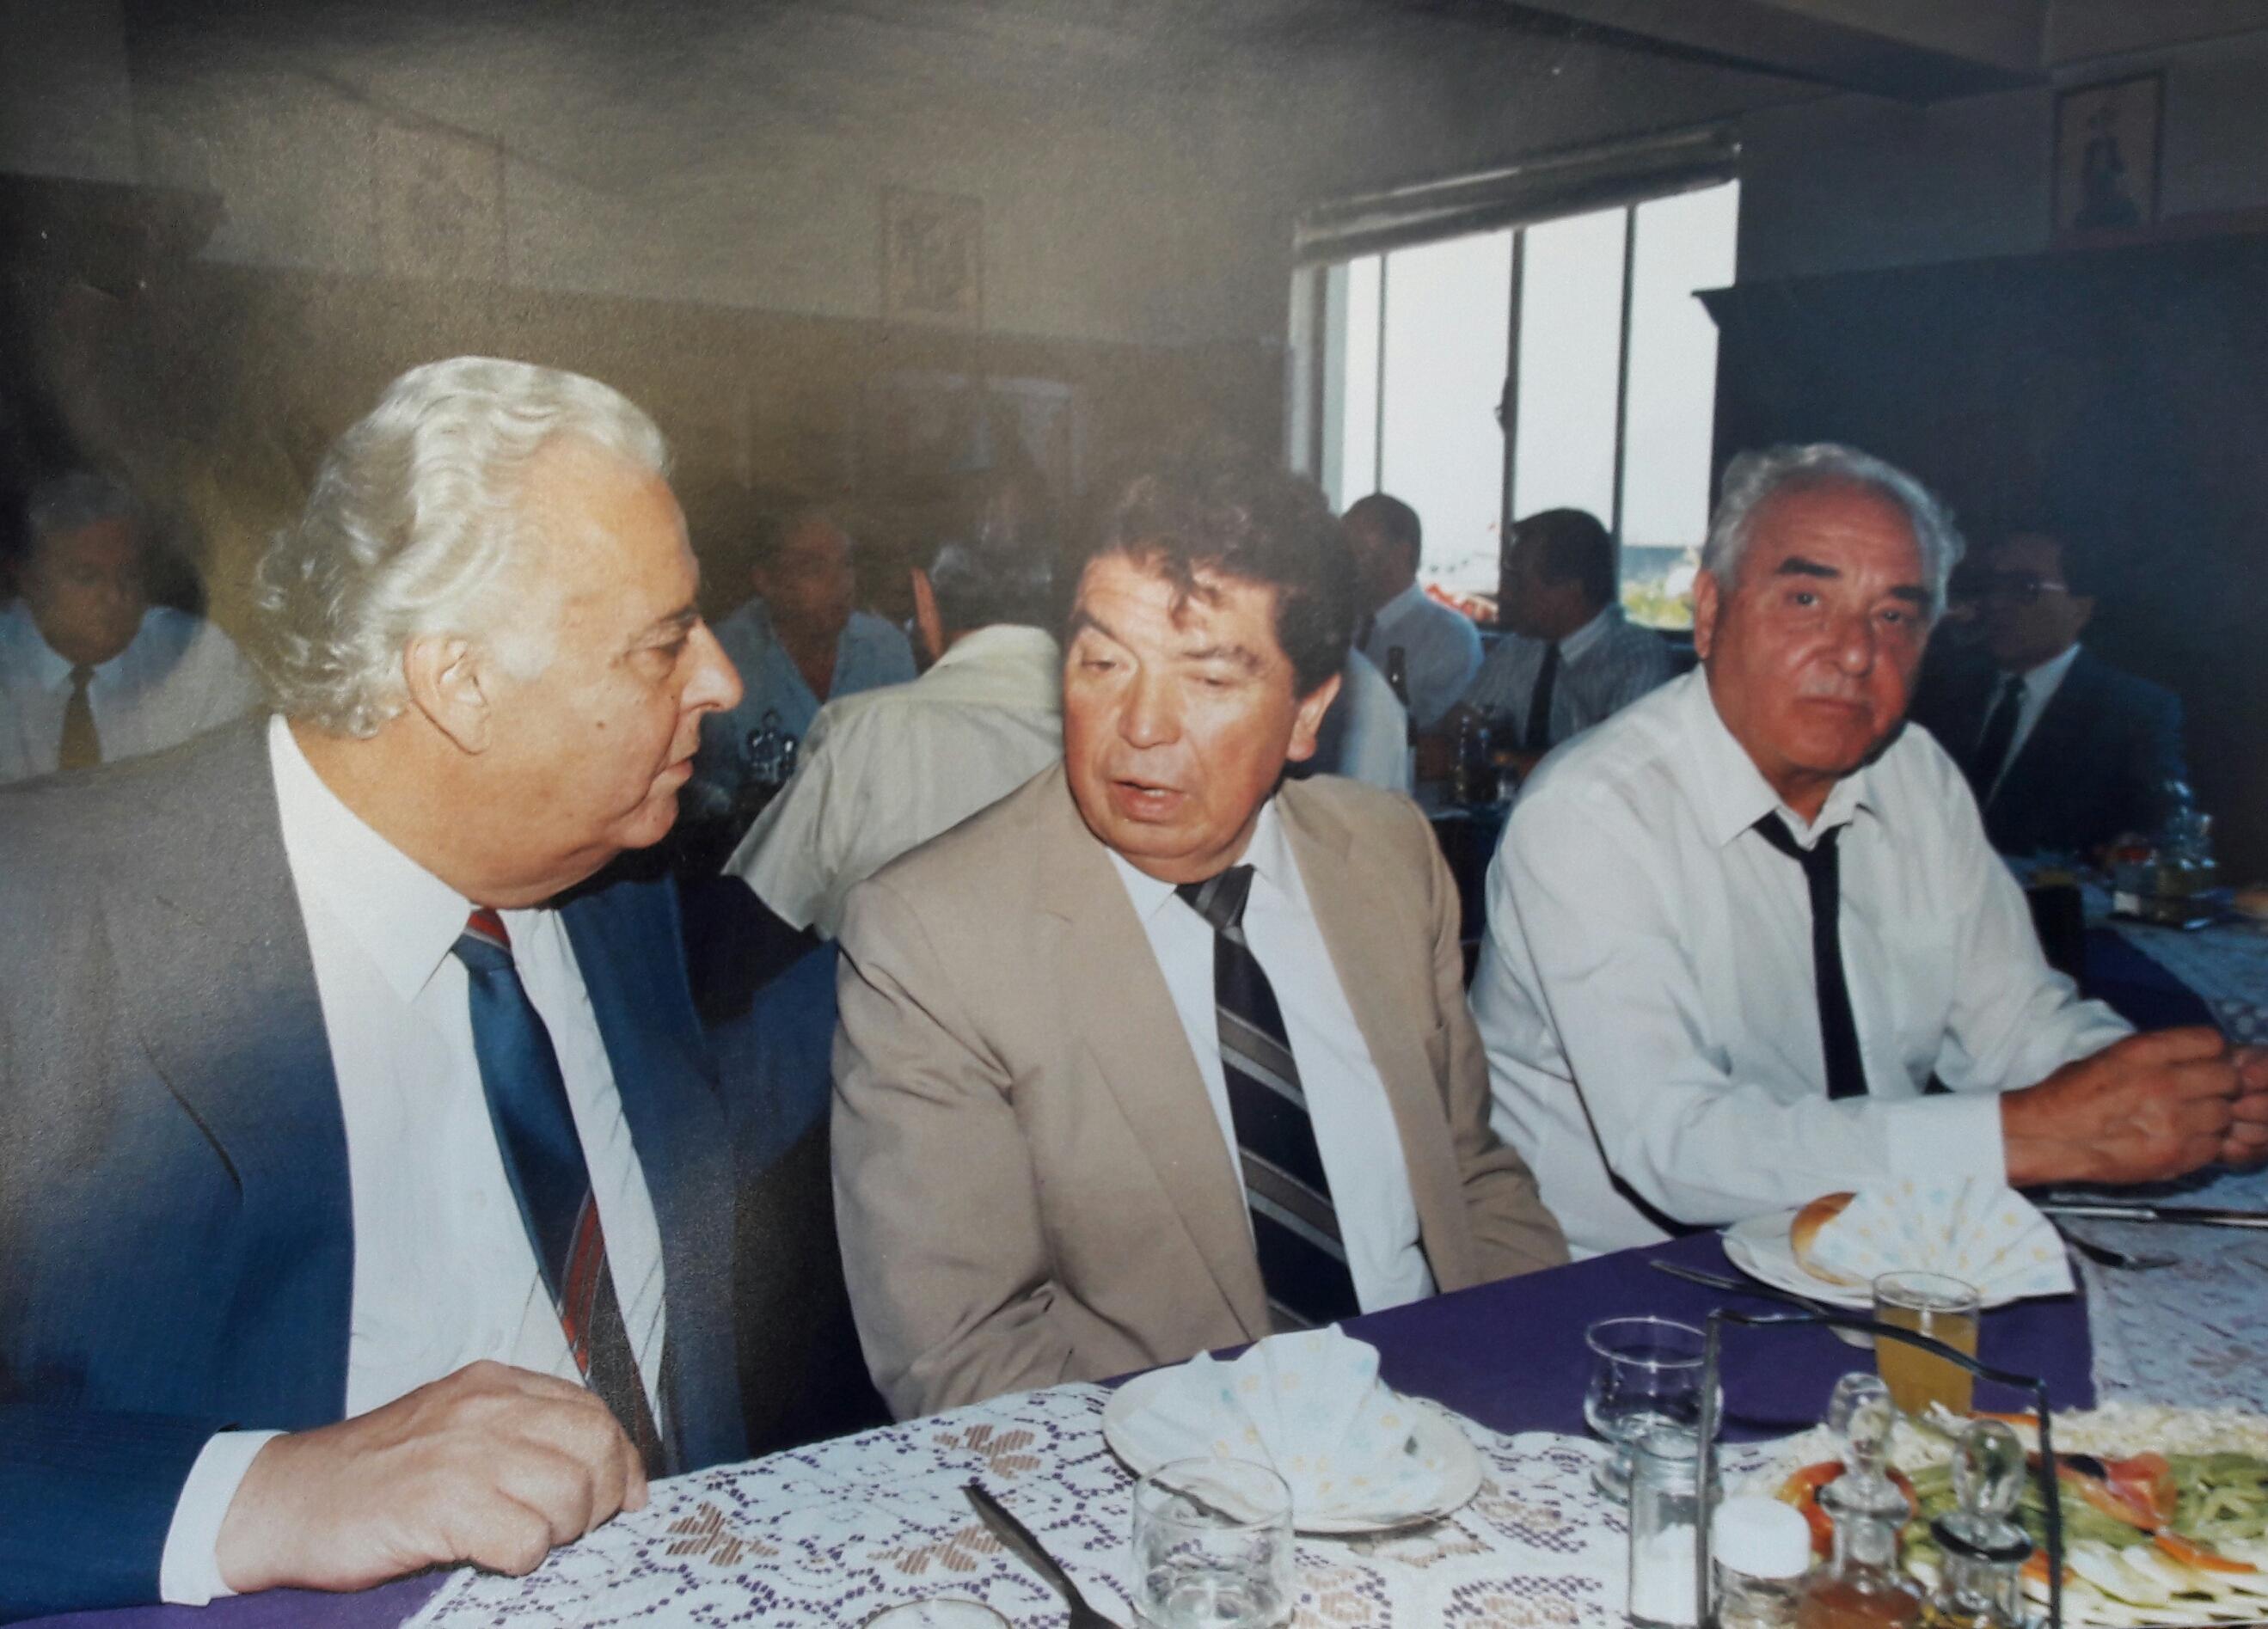 Enterreno - Fotos históricas de chile - fotos antiguas de Chile - Club de Hombres Sportsmens, 1990